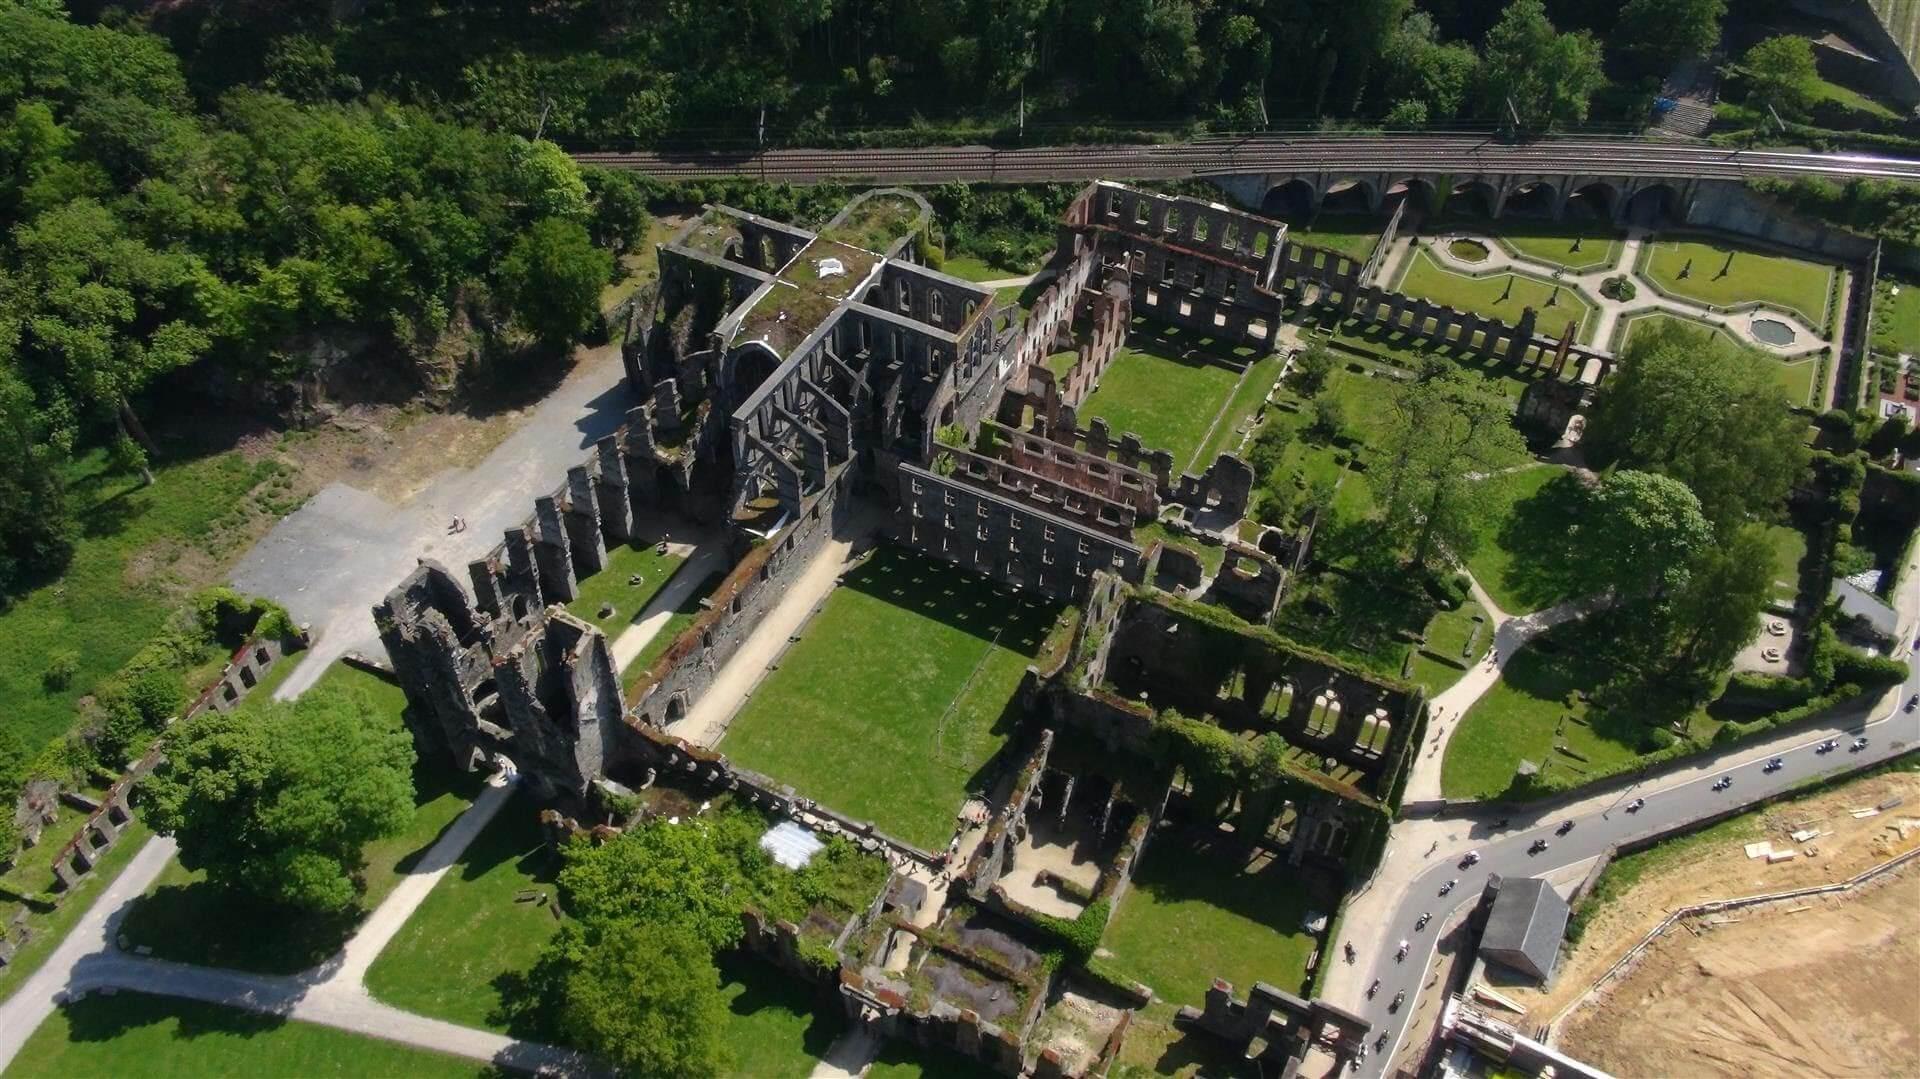 Activités : Balades dans les bois de l'Abbaye de Villers